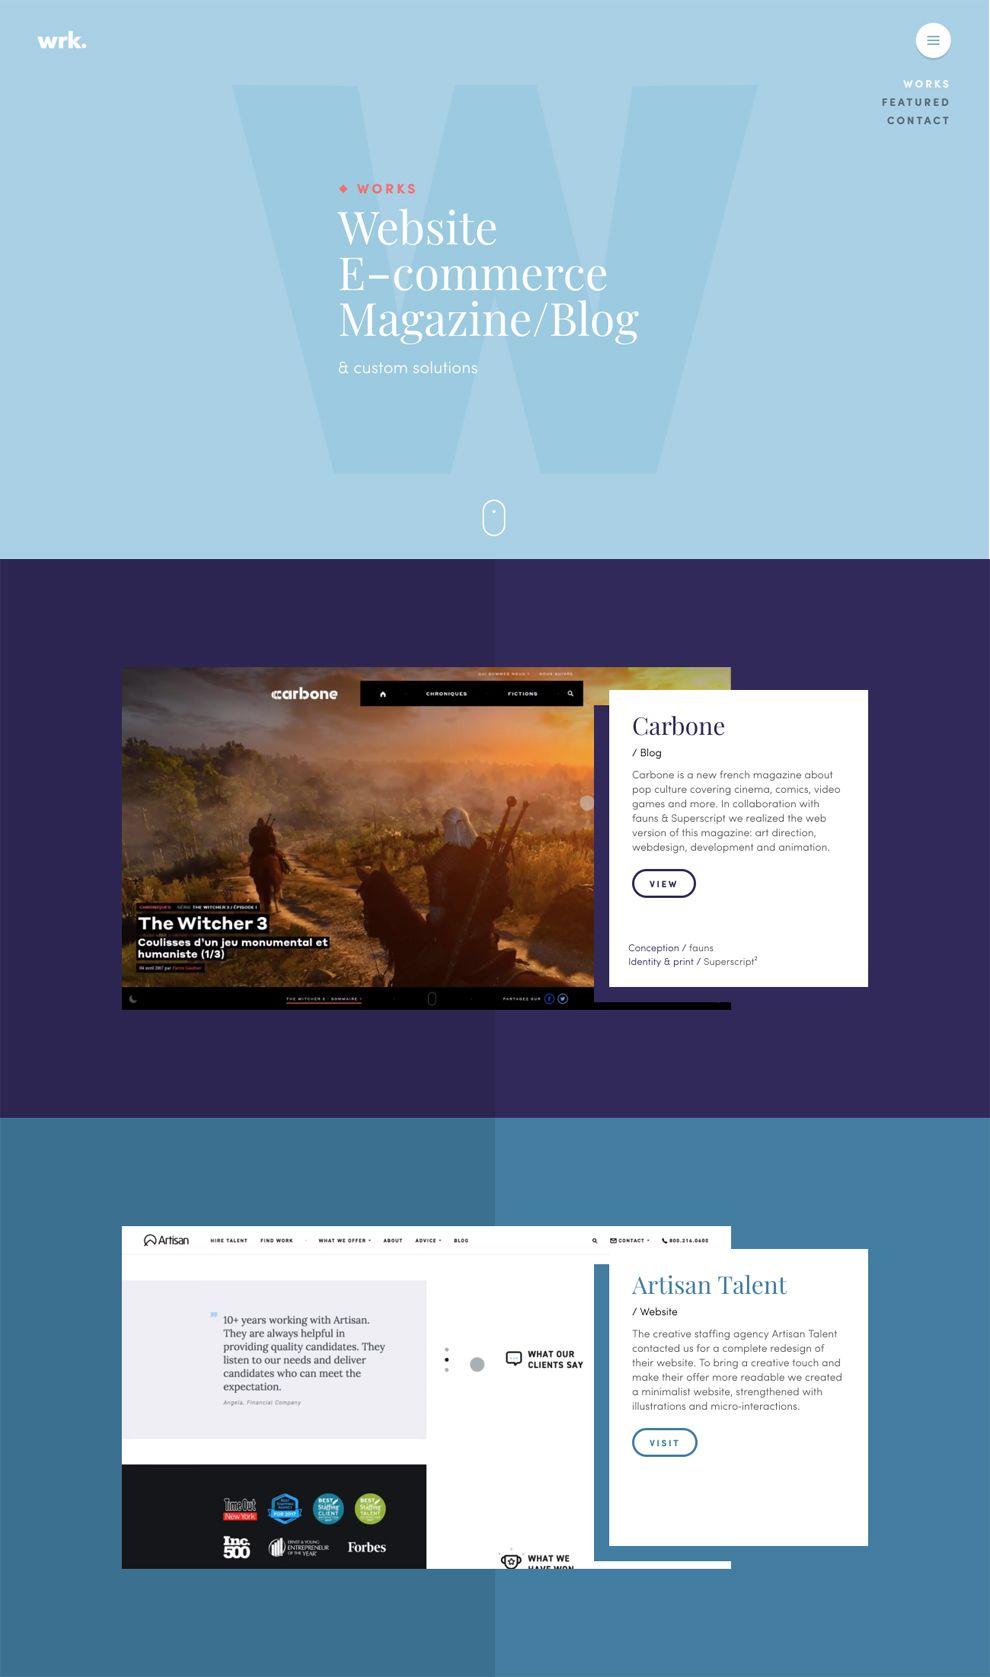 WRK Colorful Website Design